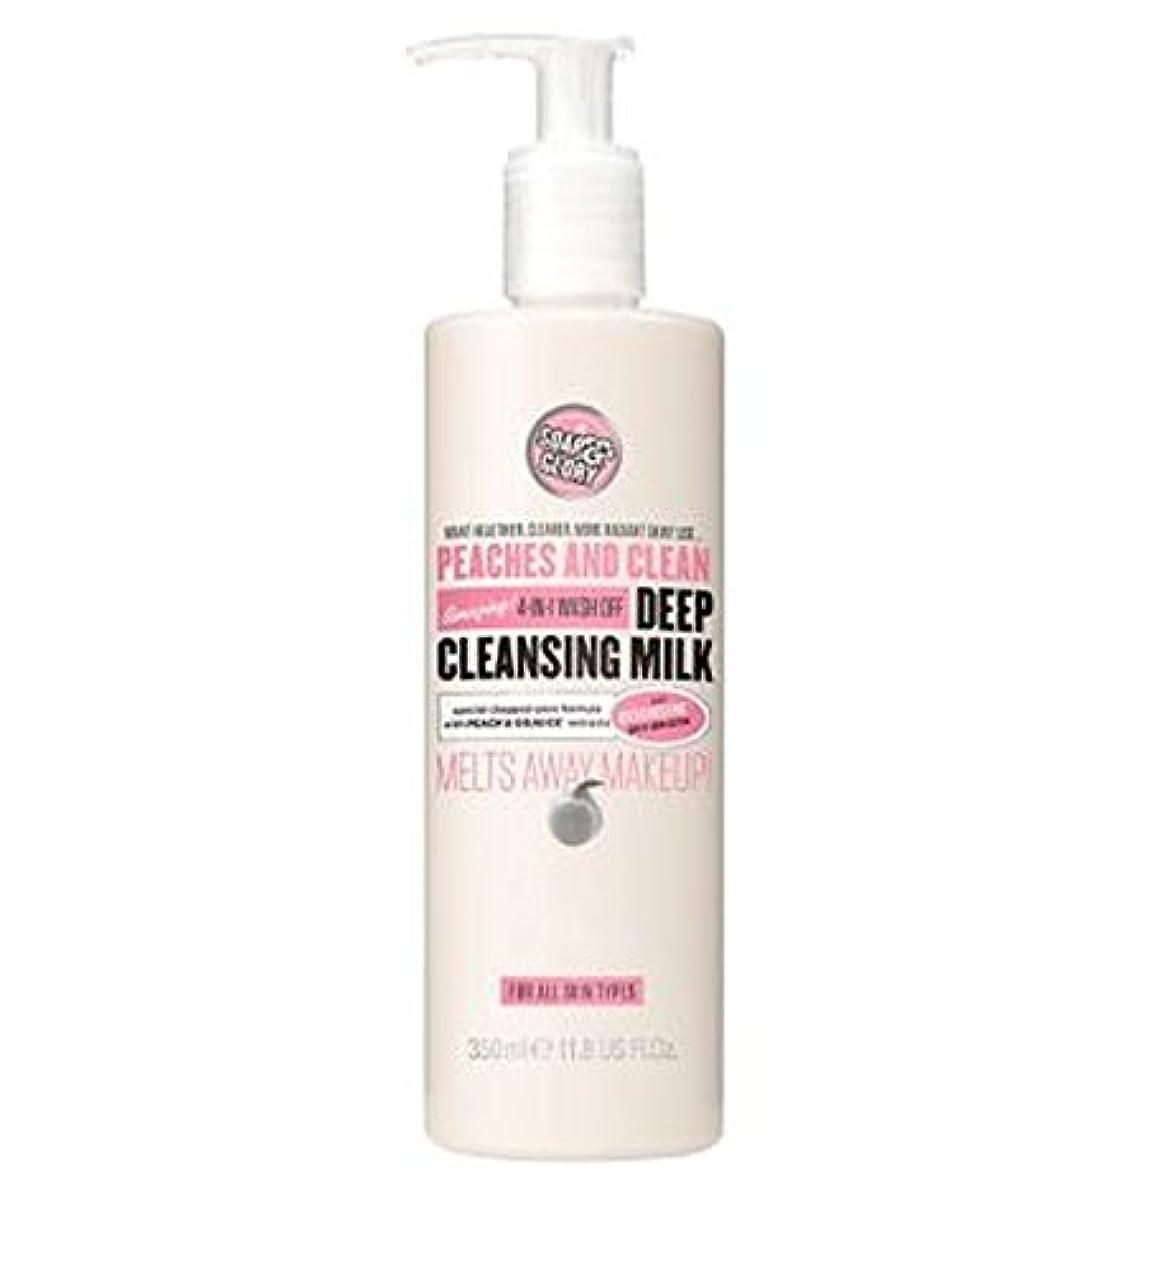 ぼかすストロー加入PEACHES AND CLEAN? Deep Cleansing Milk 350ml - 桃やクリーン?ディープクレンジングミルク350ミリリットル (Soap & Glory) [並行輸入品]